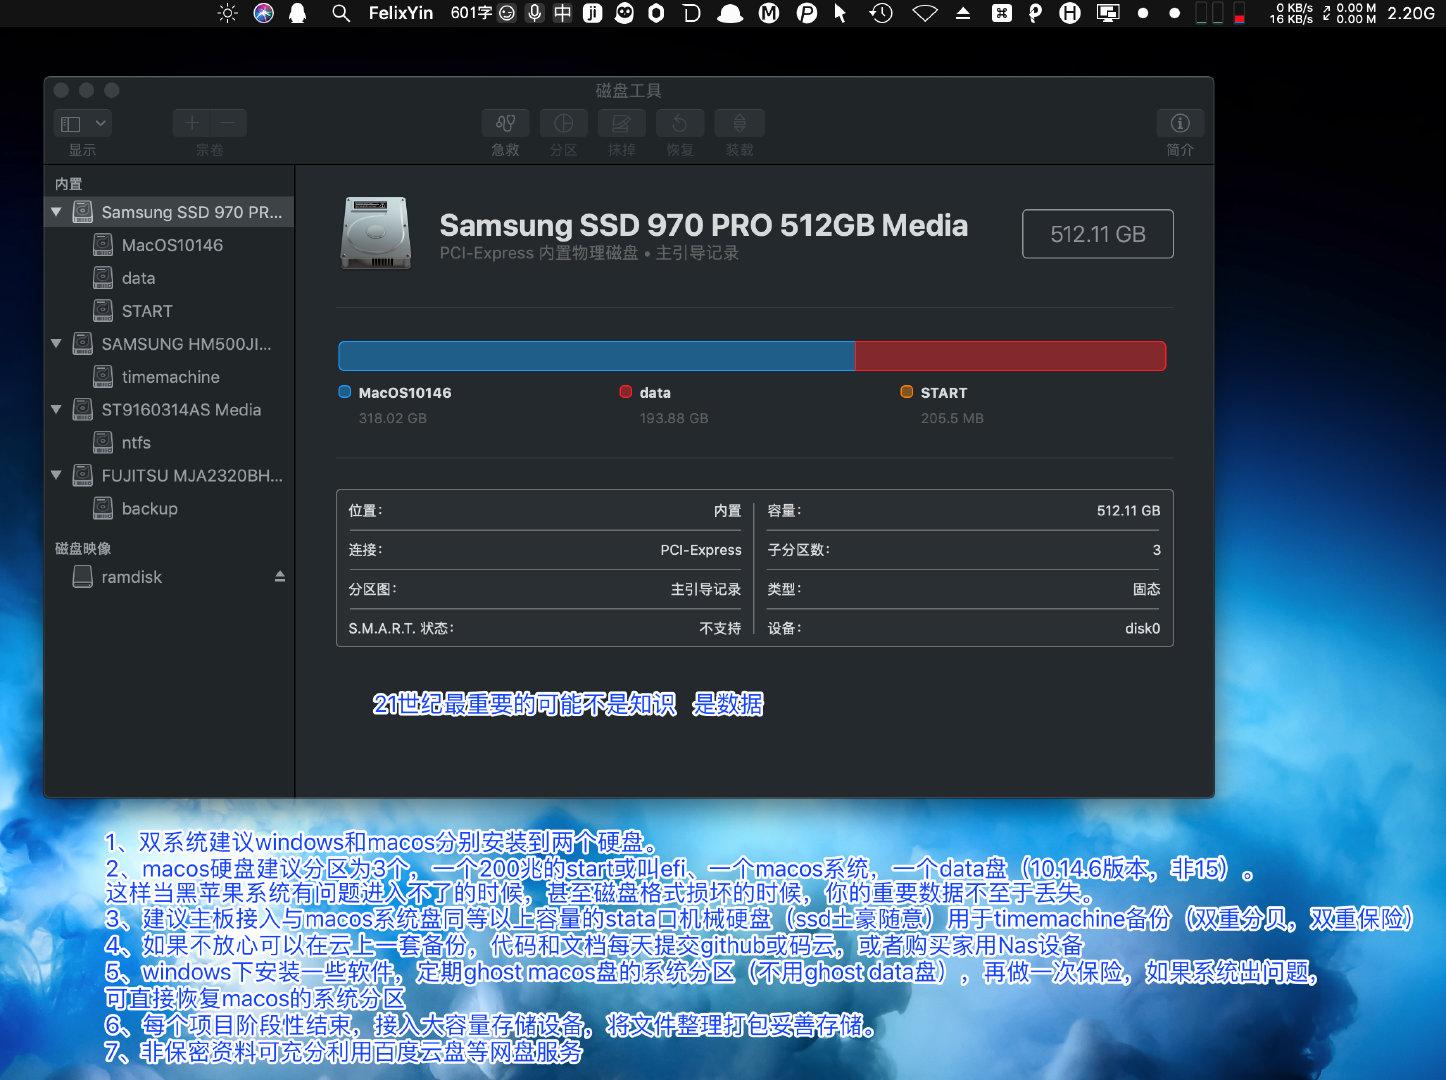 Gigabyte Z390 Master